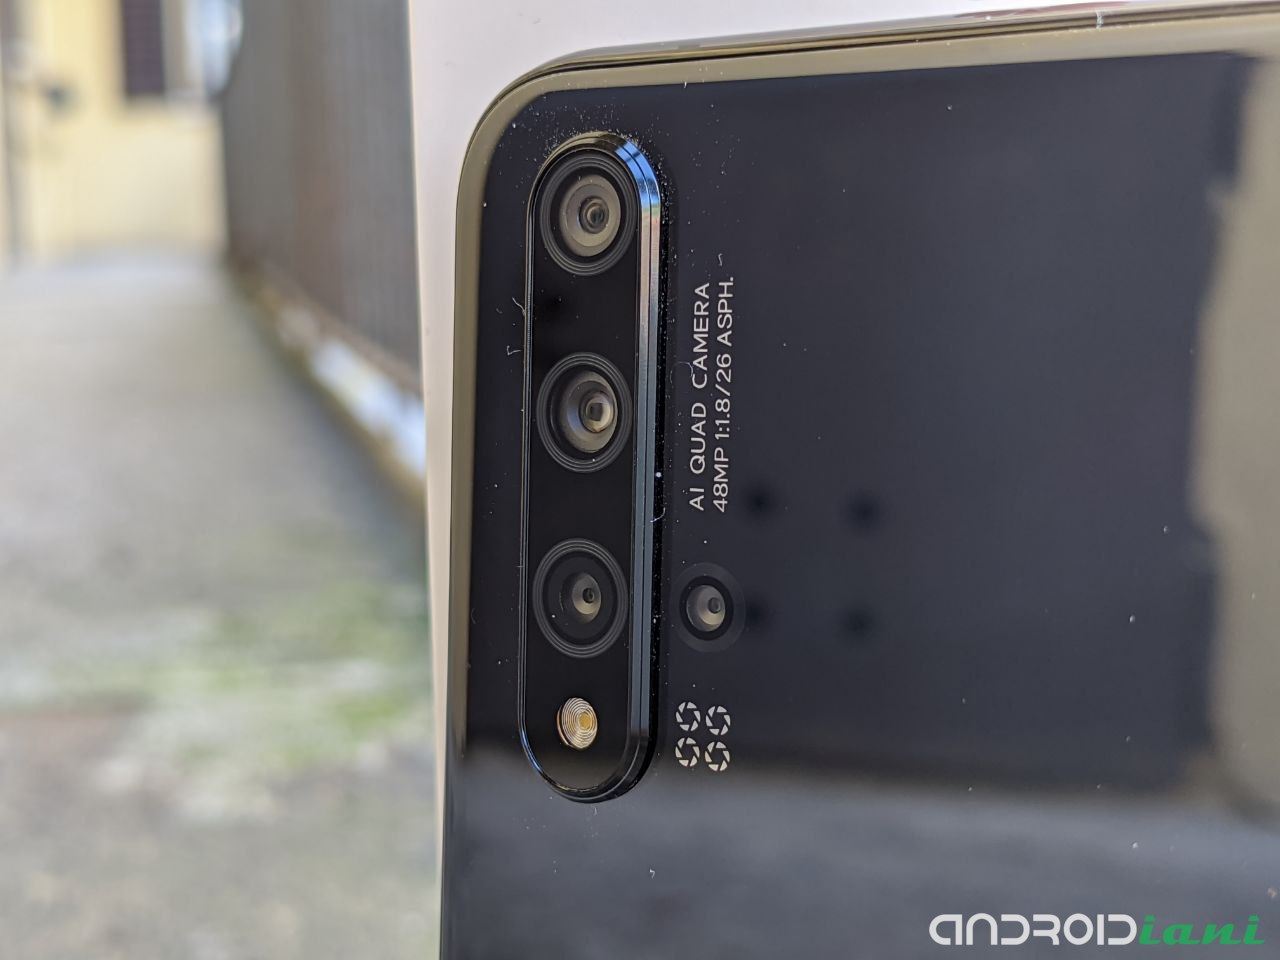 Huawei Nova 5T: النطاق المتوسط الذي يعتقد أنه الأفضل | مراجعة 6